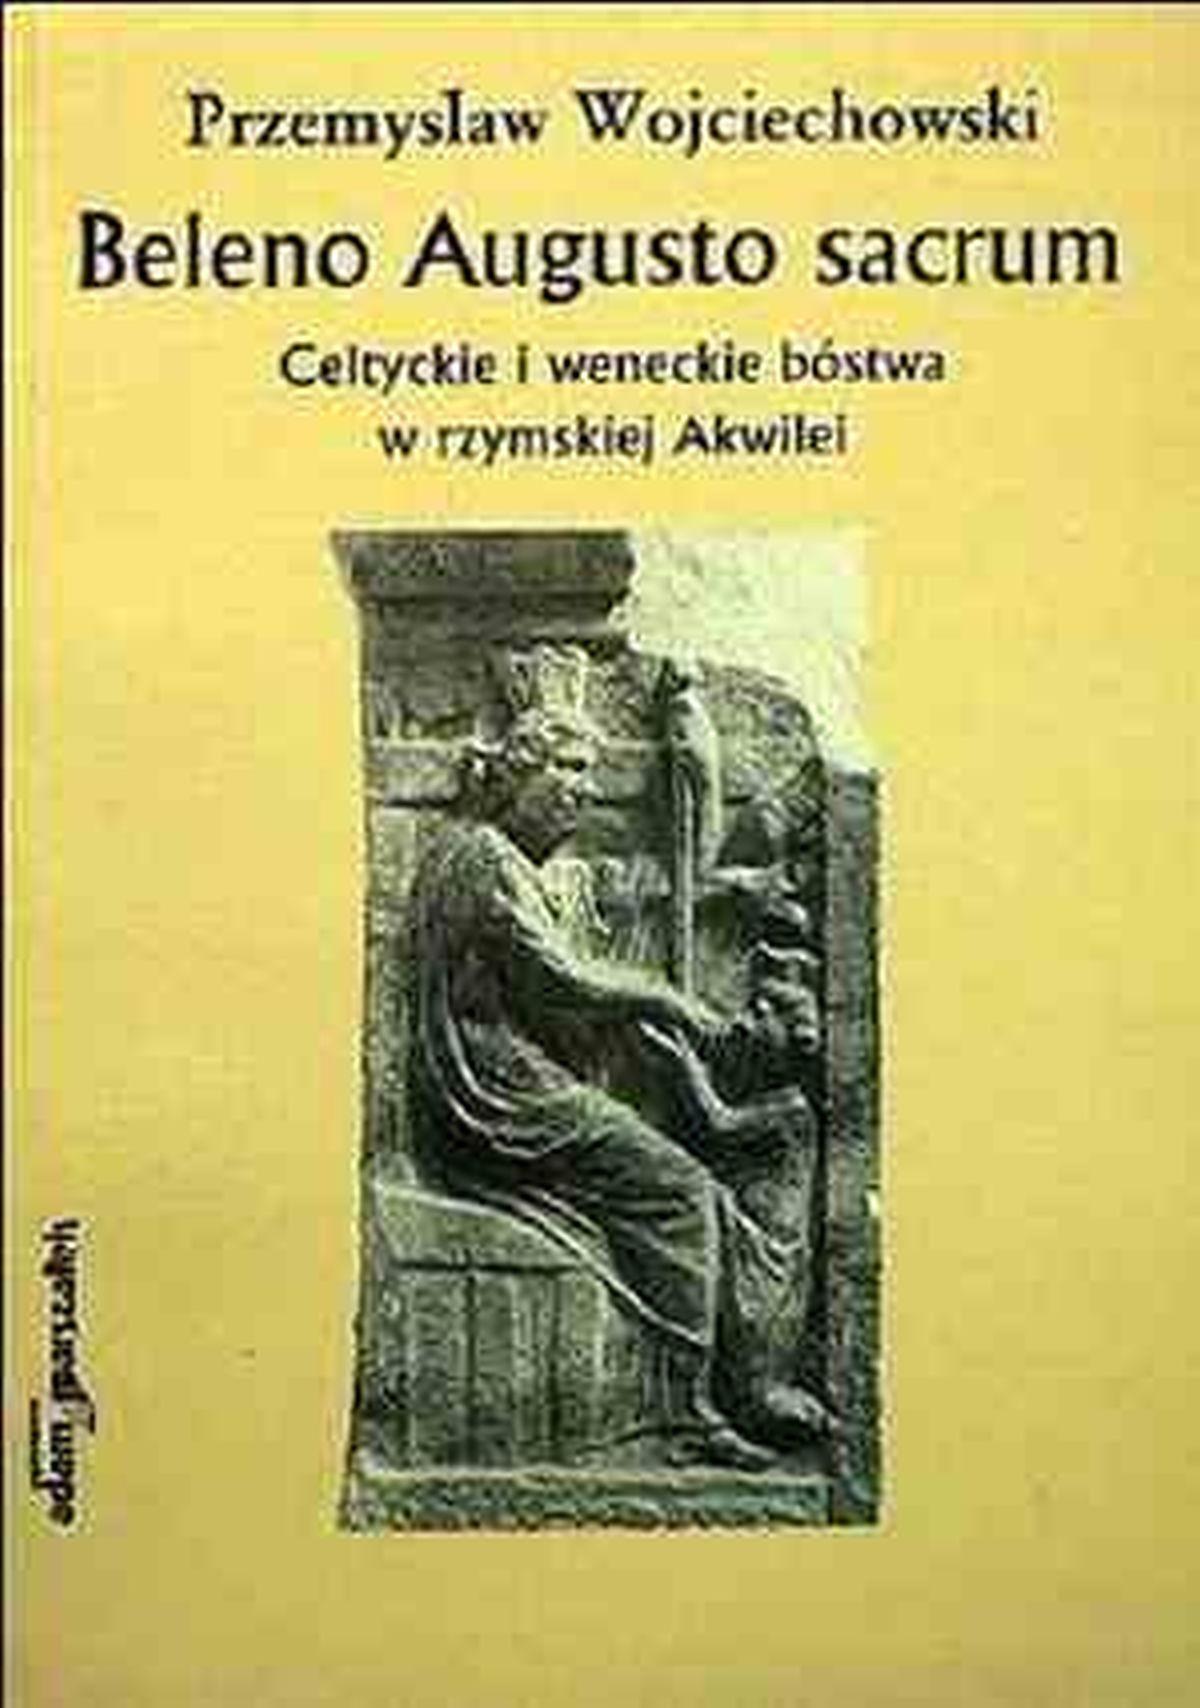 Przemysław Wojciechowski, Beleno Augusto sacrum